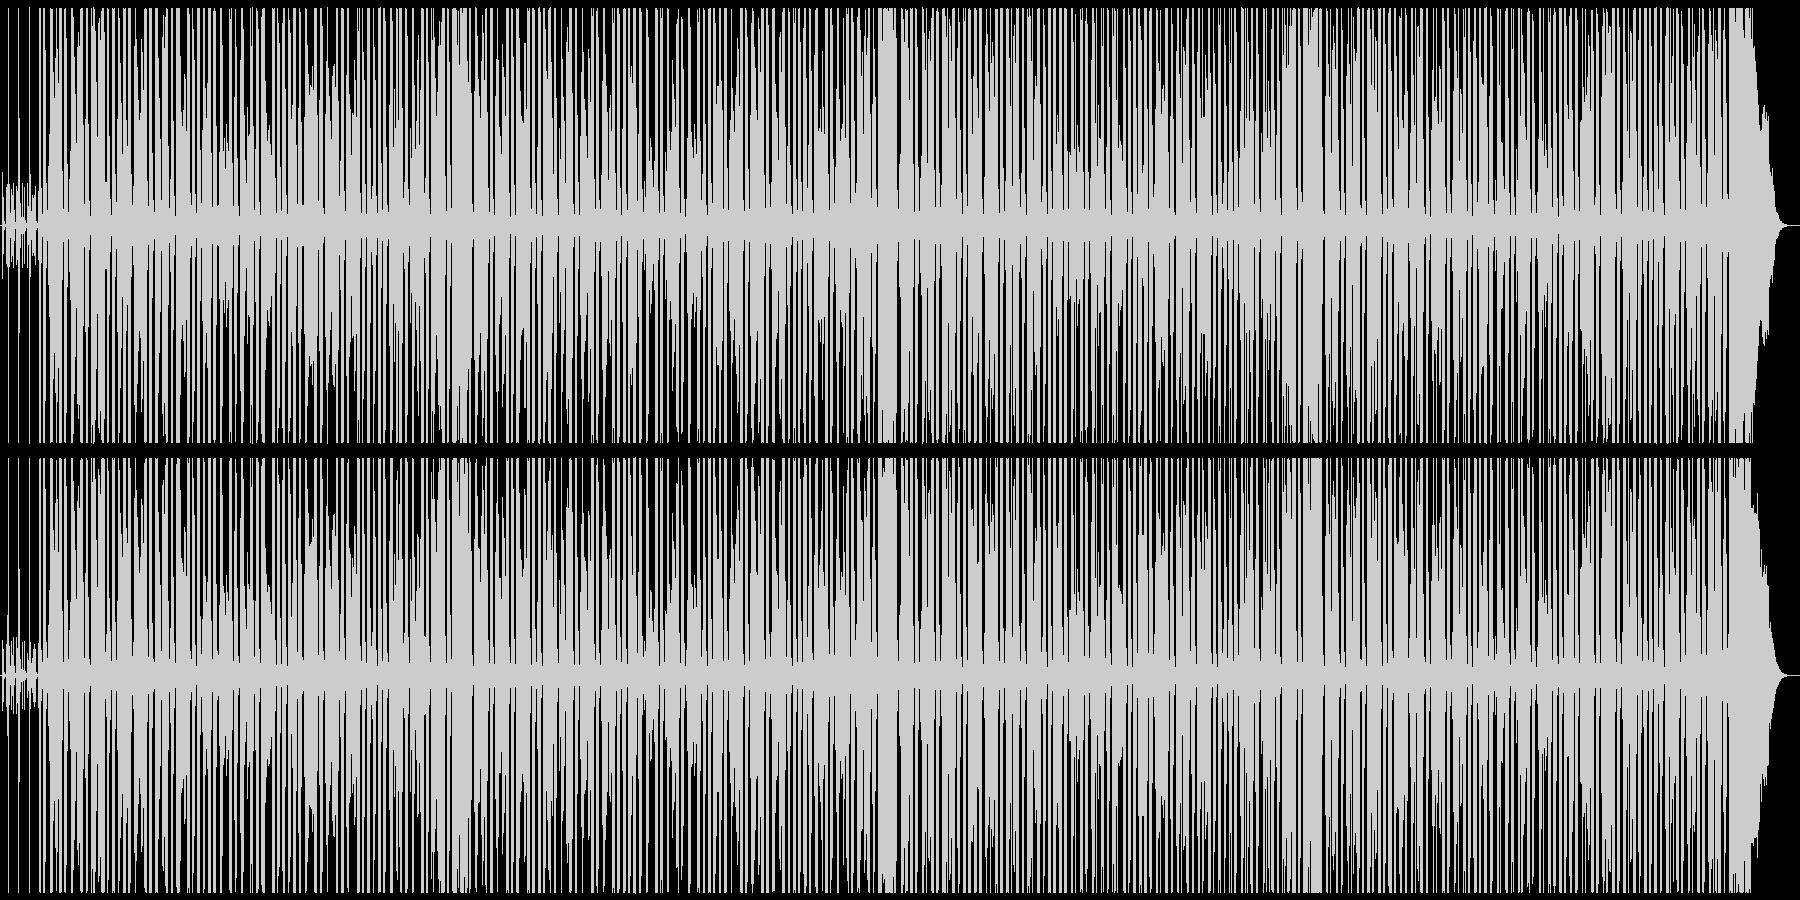 陽気・軽快 テキサス系アコギブルースの未再生の波形